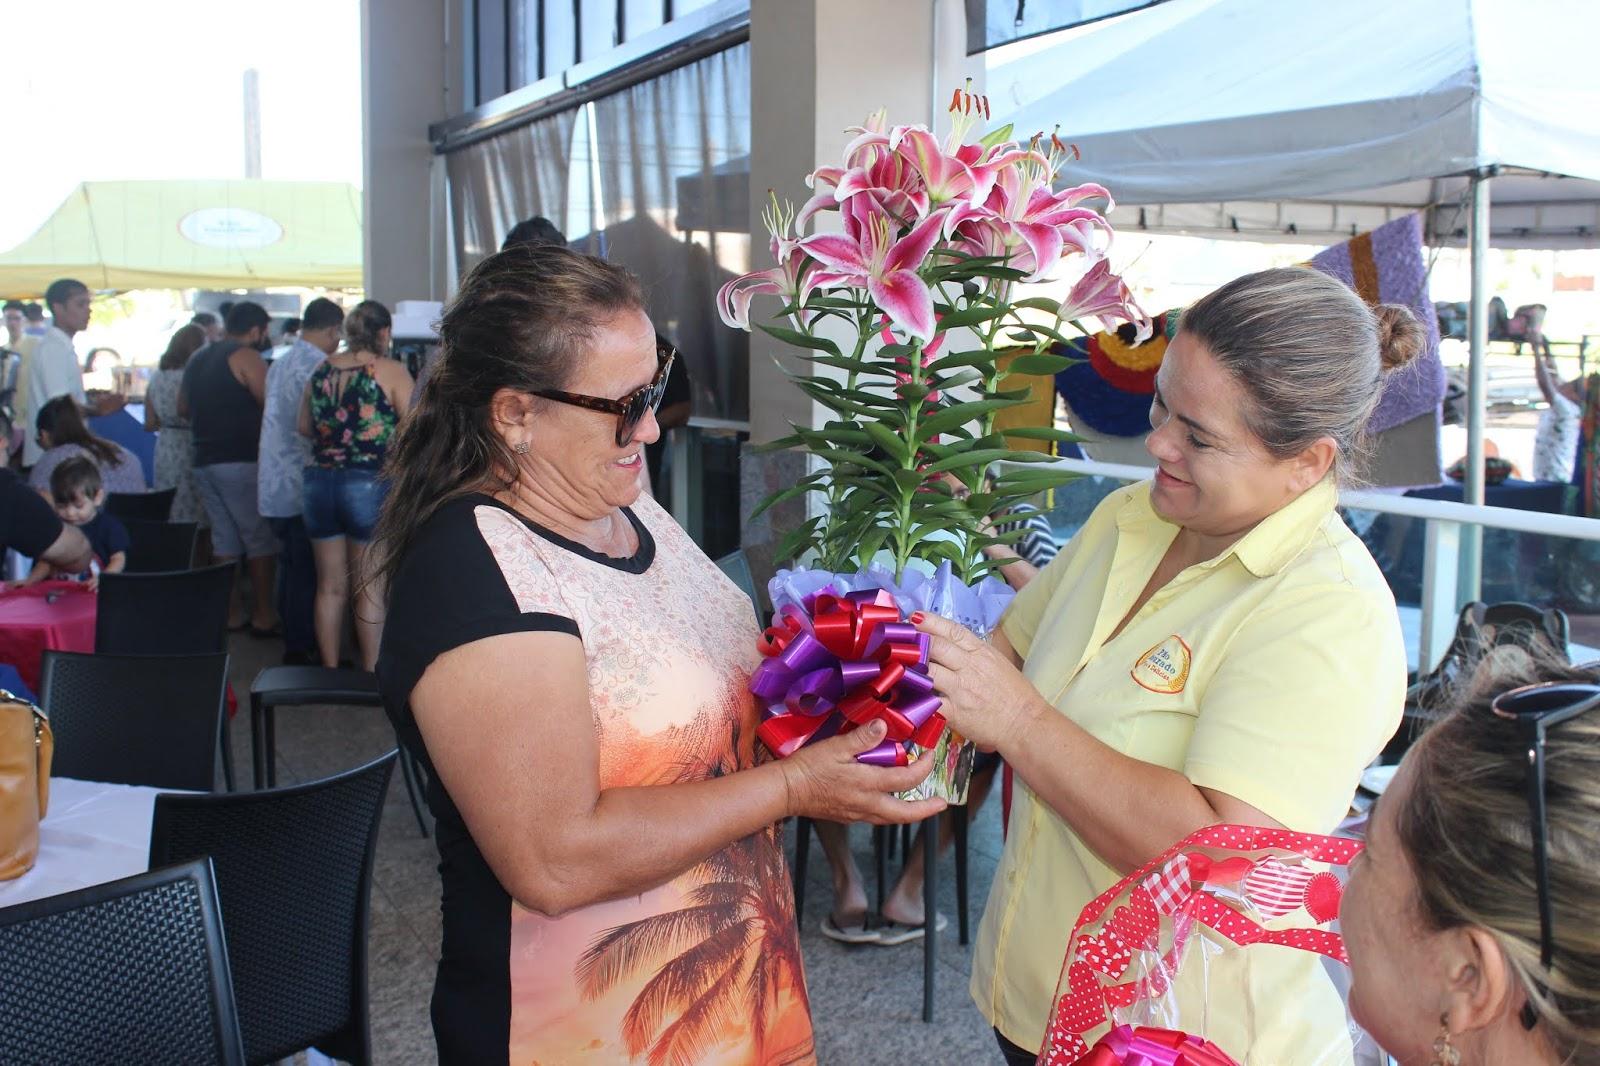 IMG 3661 - Dia 12 de maio dia das Mães no Jardins Mangueiral foi com muta diverção e alegria com um lindo café da manha